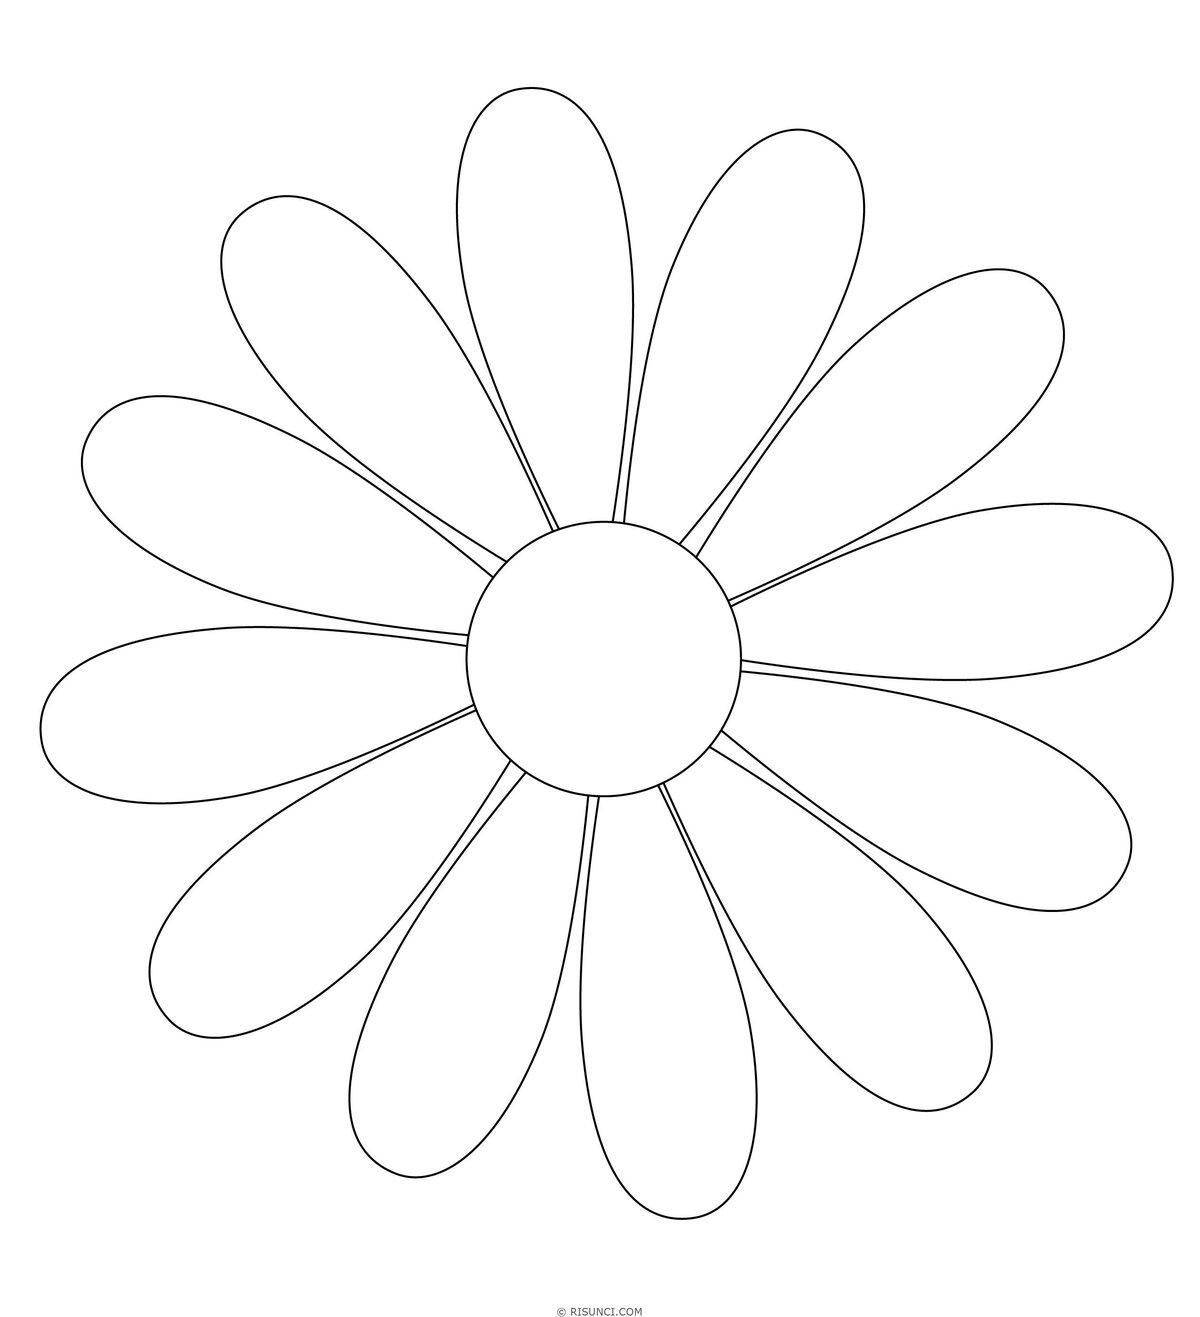 Картинки цветов колокольчик одуванчик мак ромашка плюсов